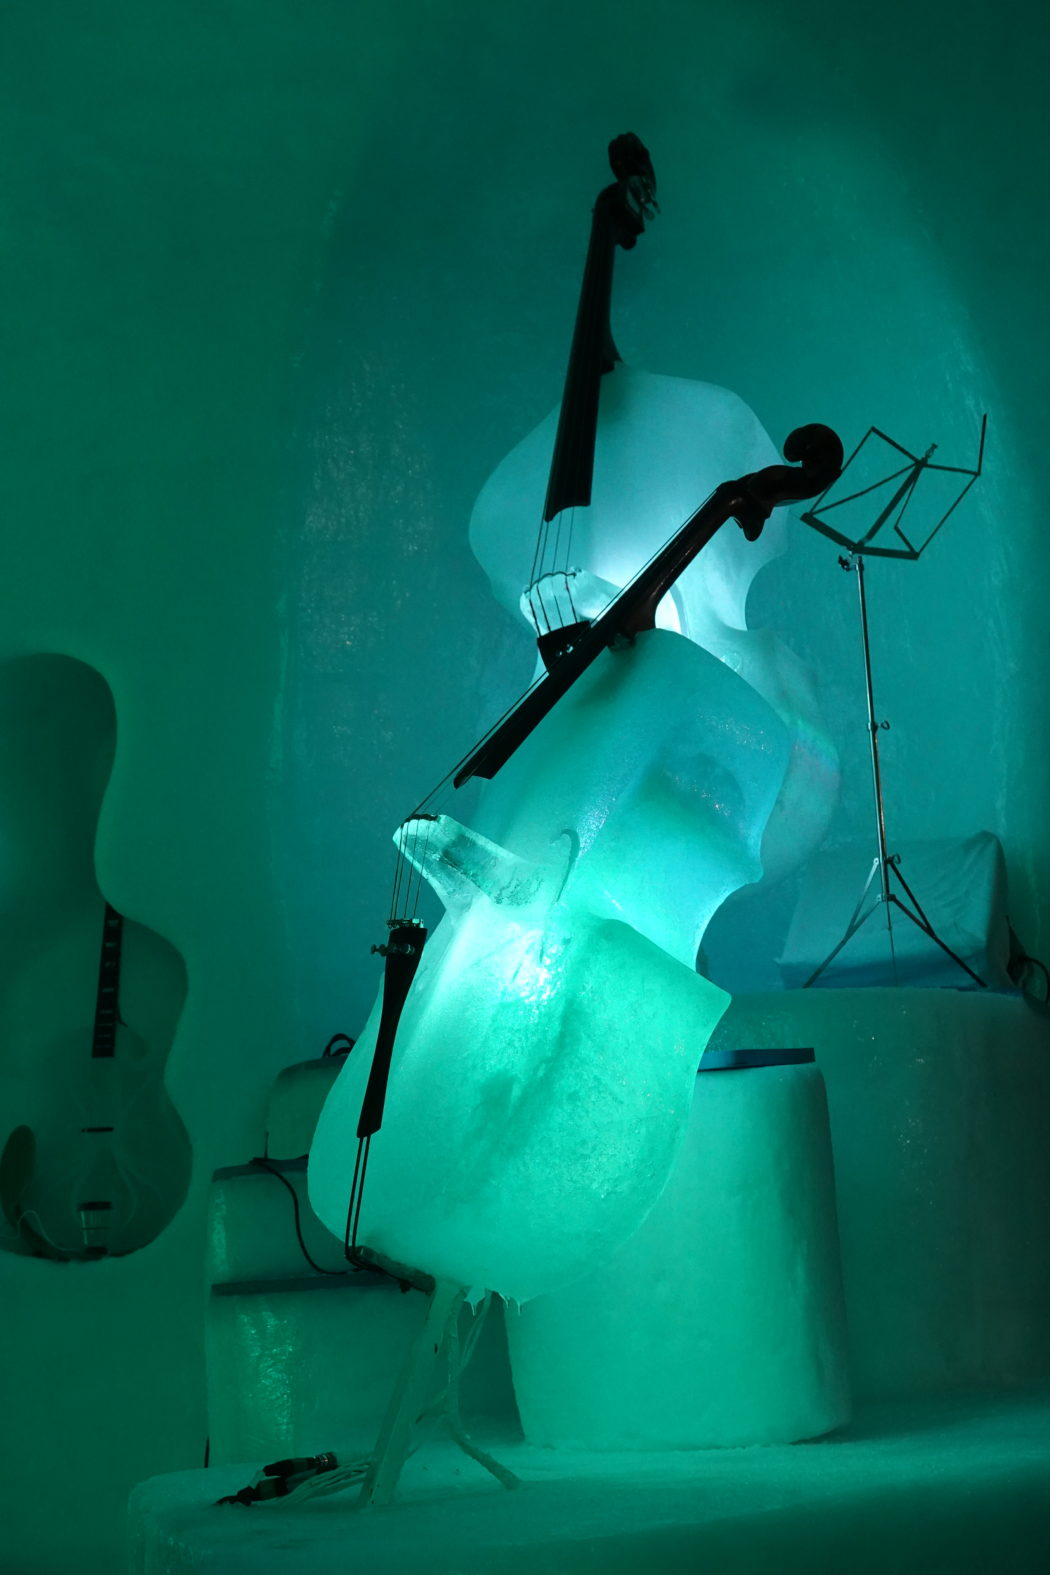 Gli strumenti di ghiaccio creati da Tim Linhart.